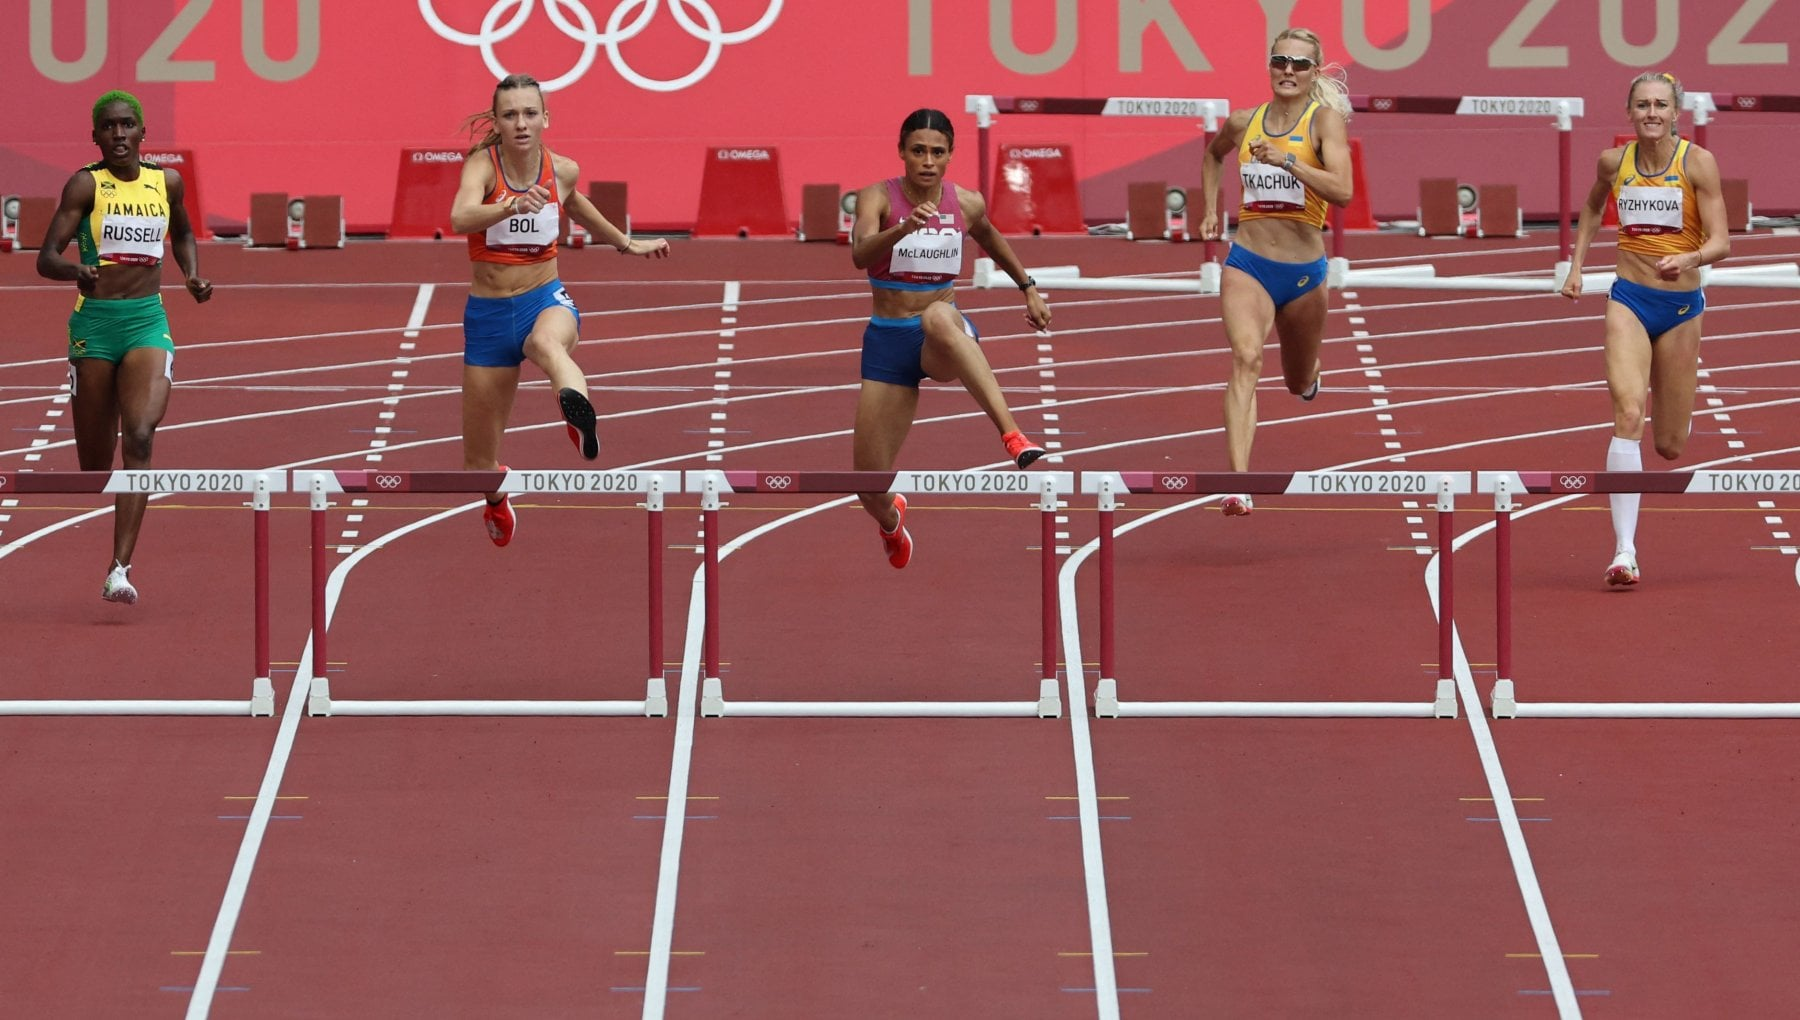 Olimpiadi oggi 4 agosto, le gare in programma per l'Italia e i risultati: McLaughlin record